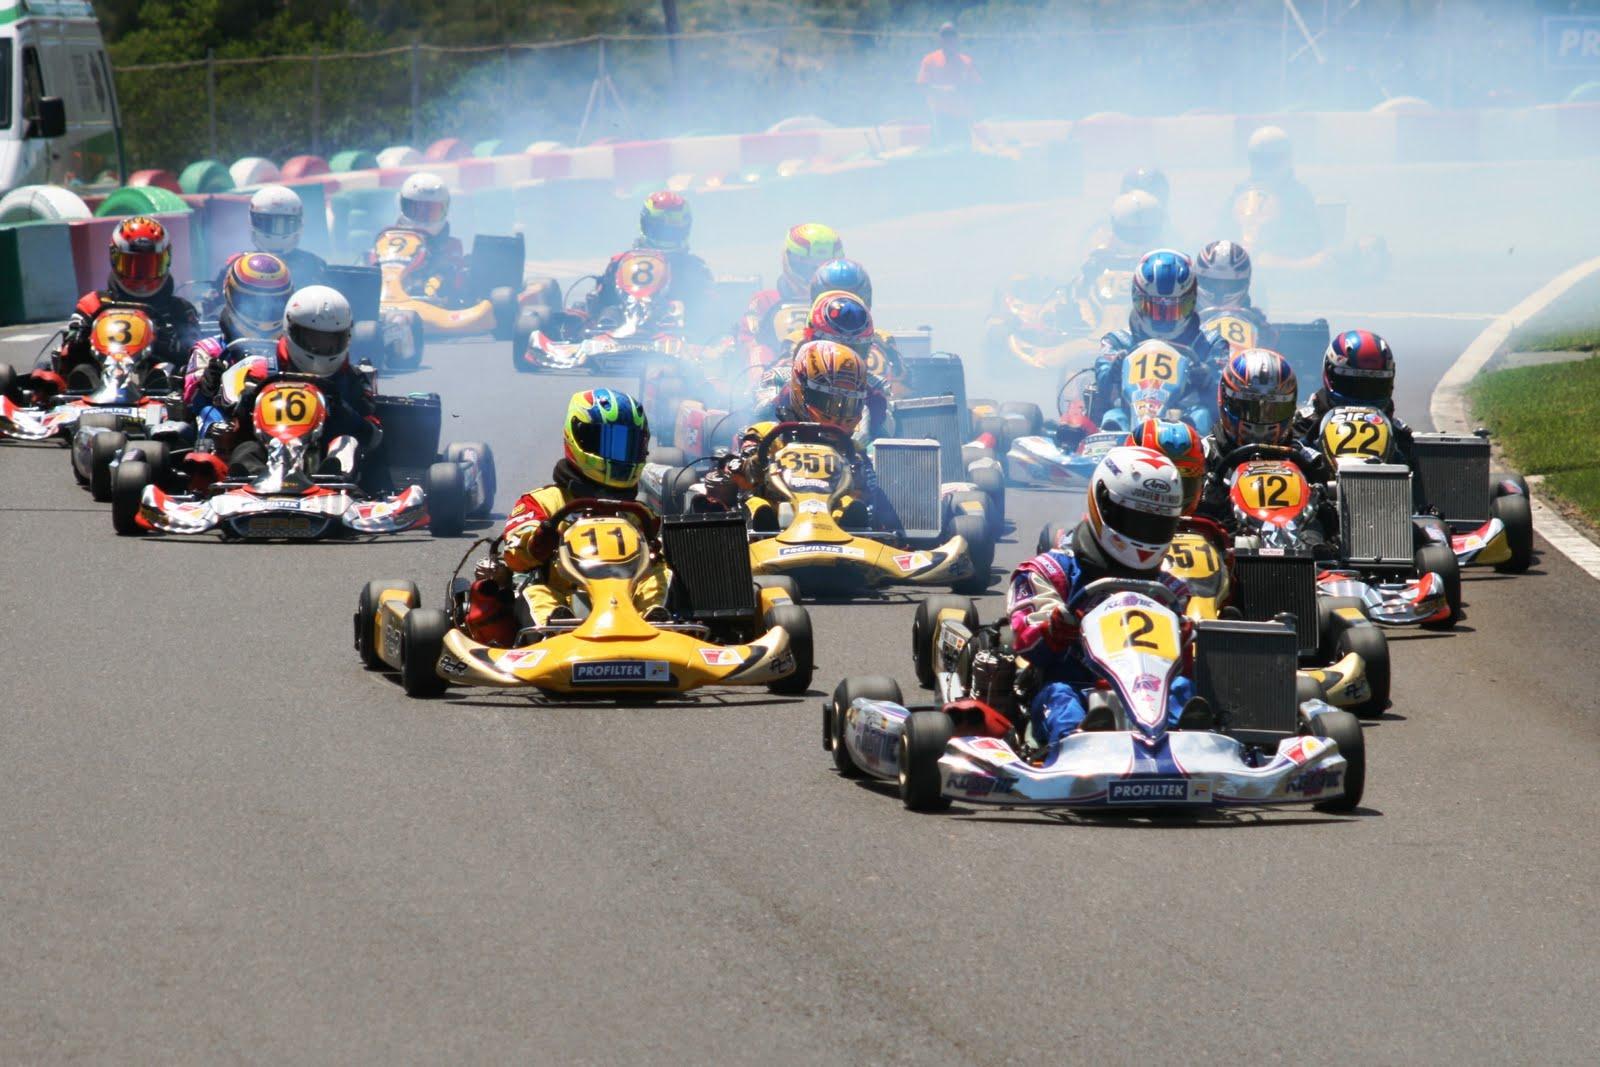 M&K - Karting: mayo 2010